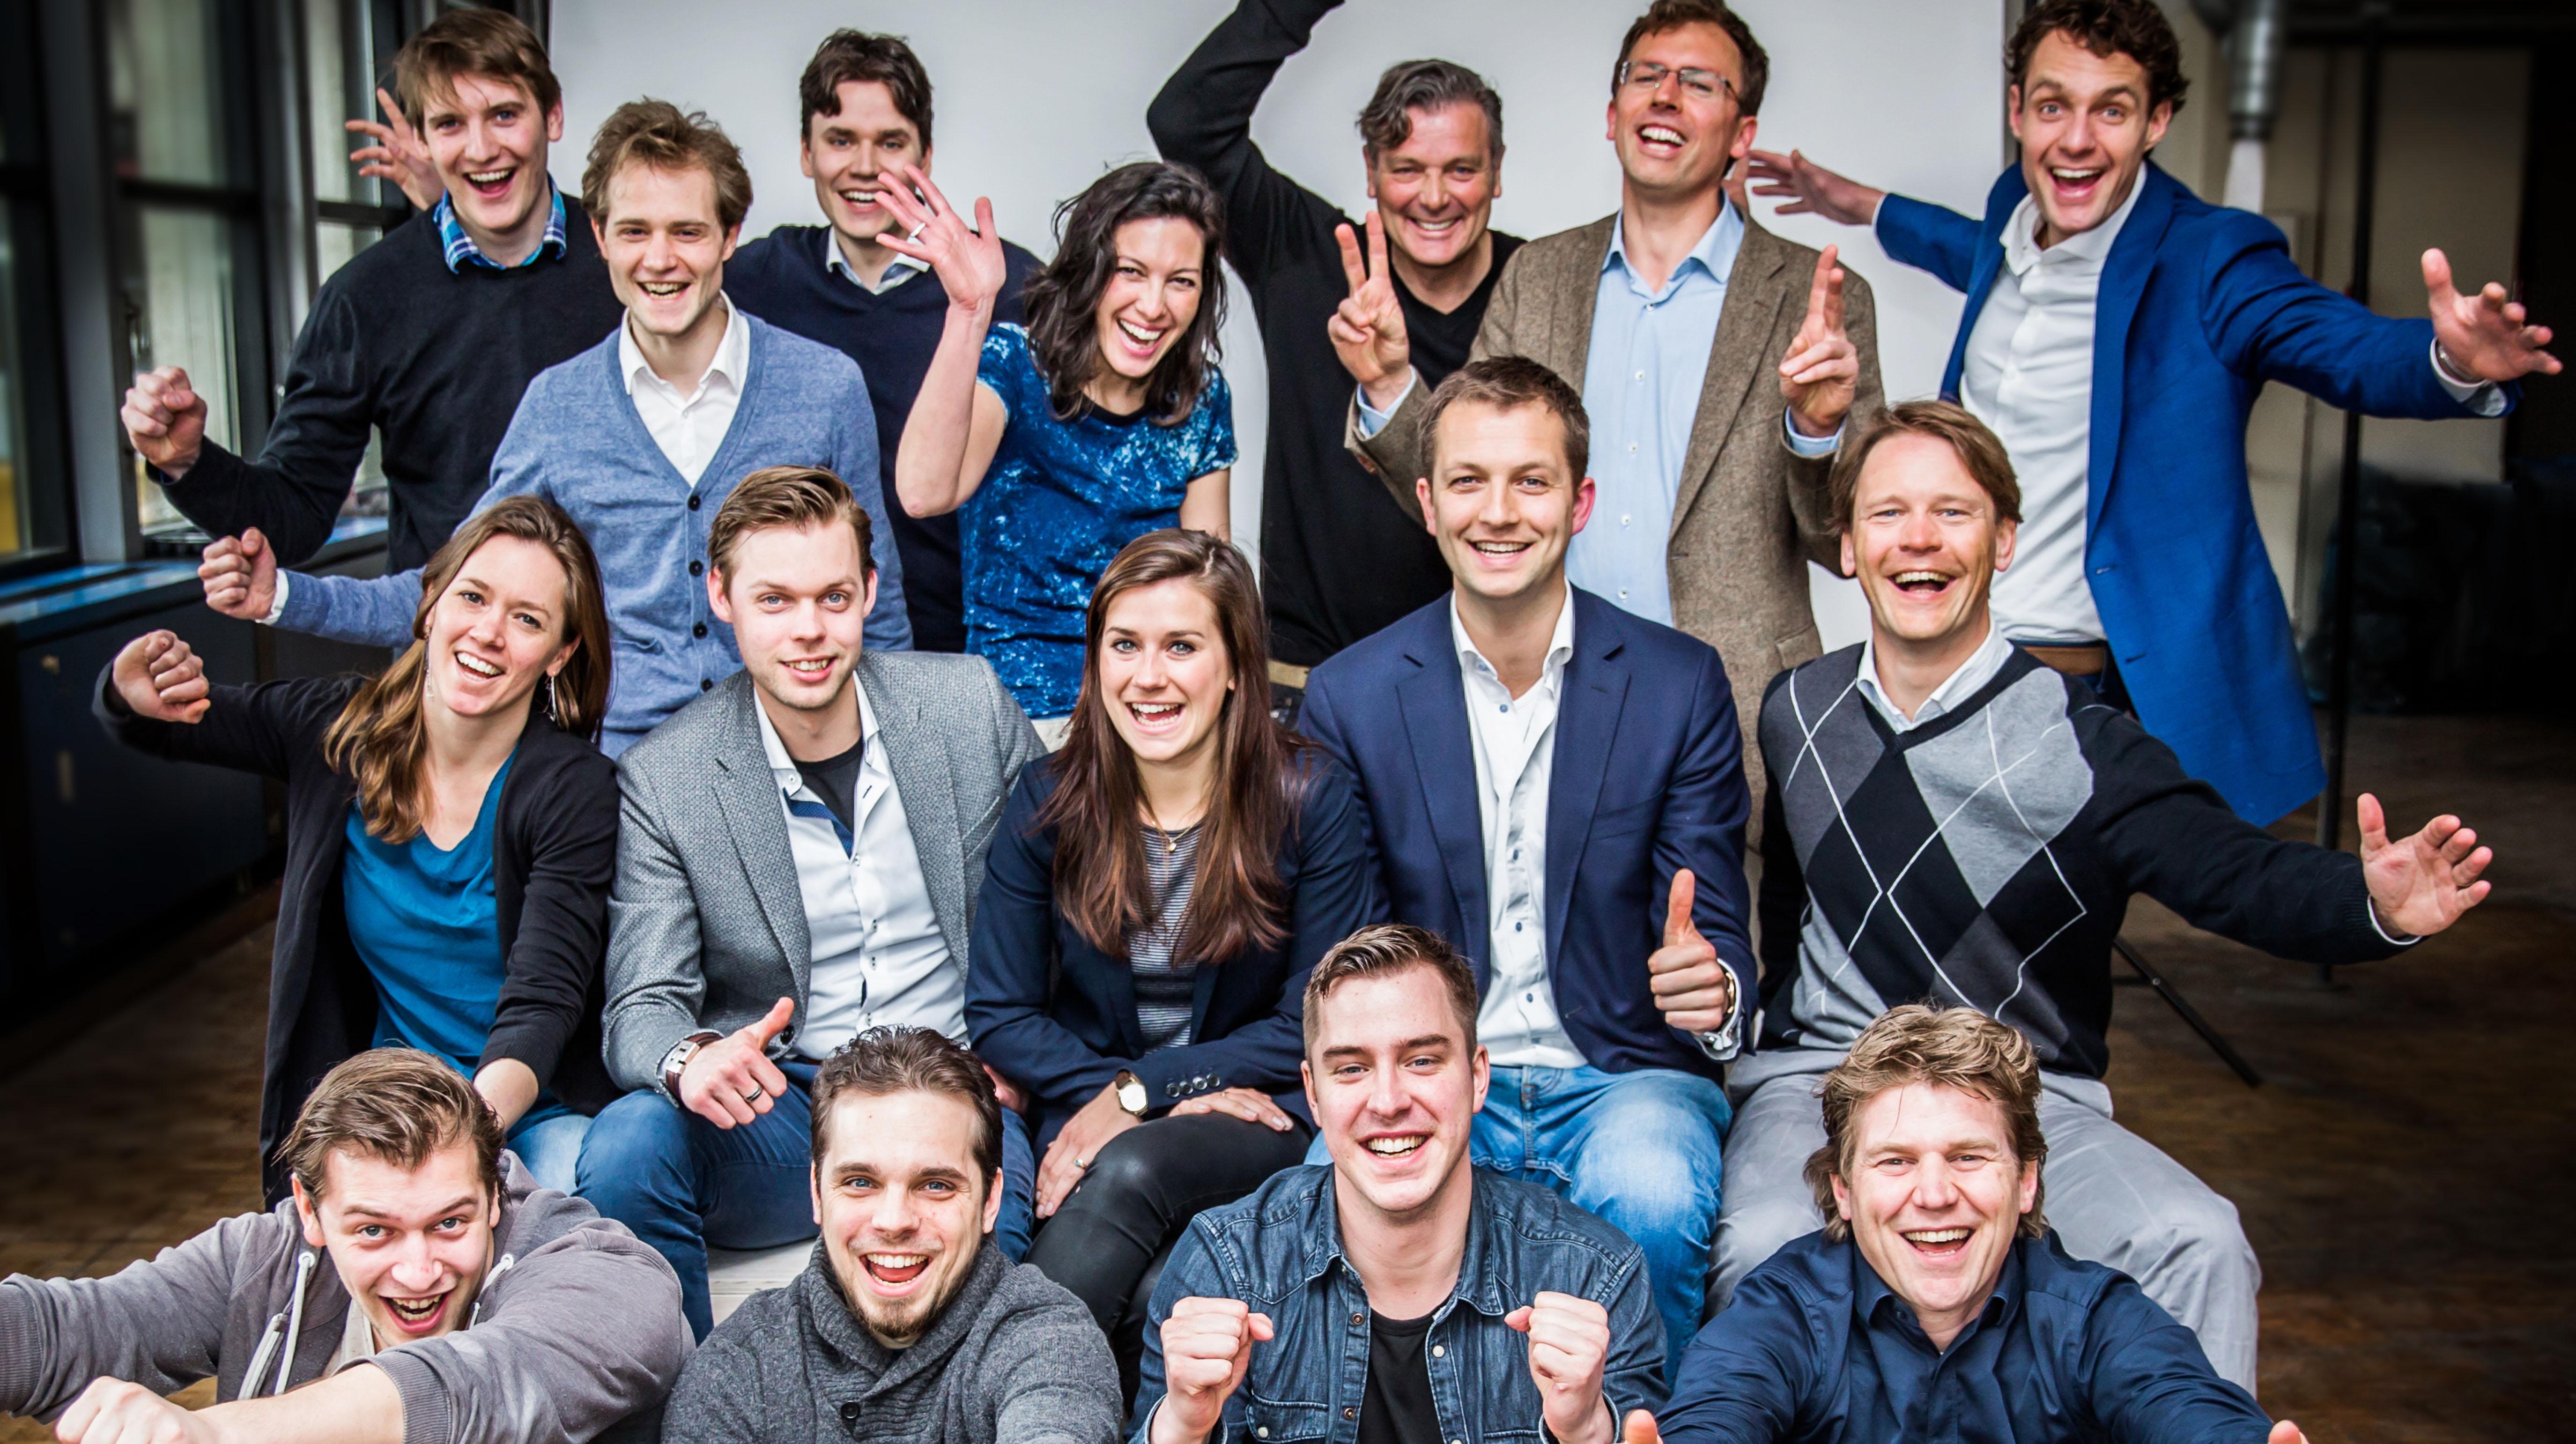 6 new startups in UtrechtInc's Pressure Cooker programme